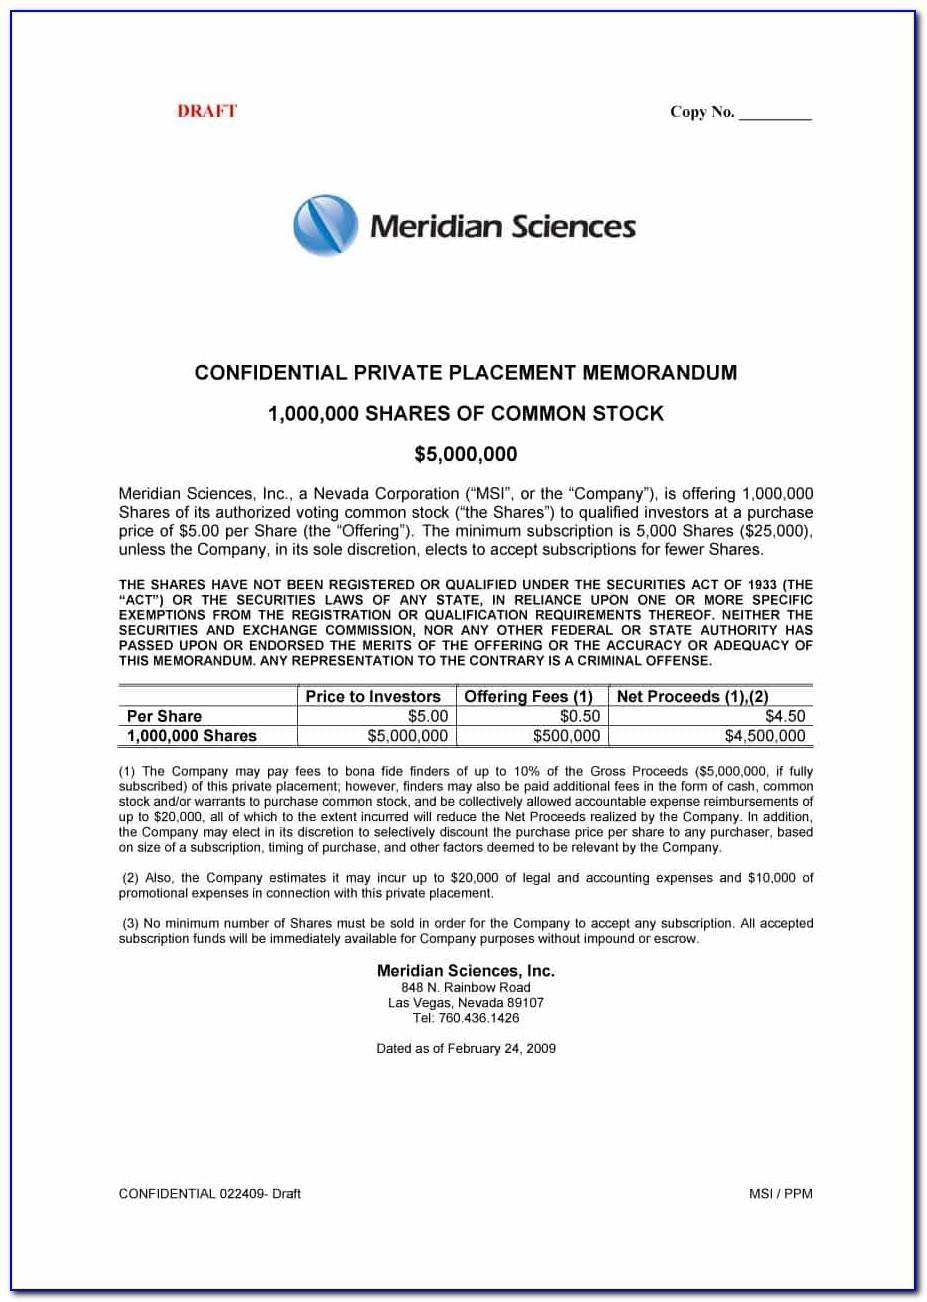 Private Placement Memorandum Form